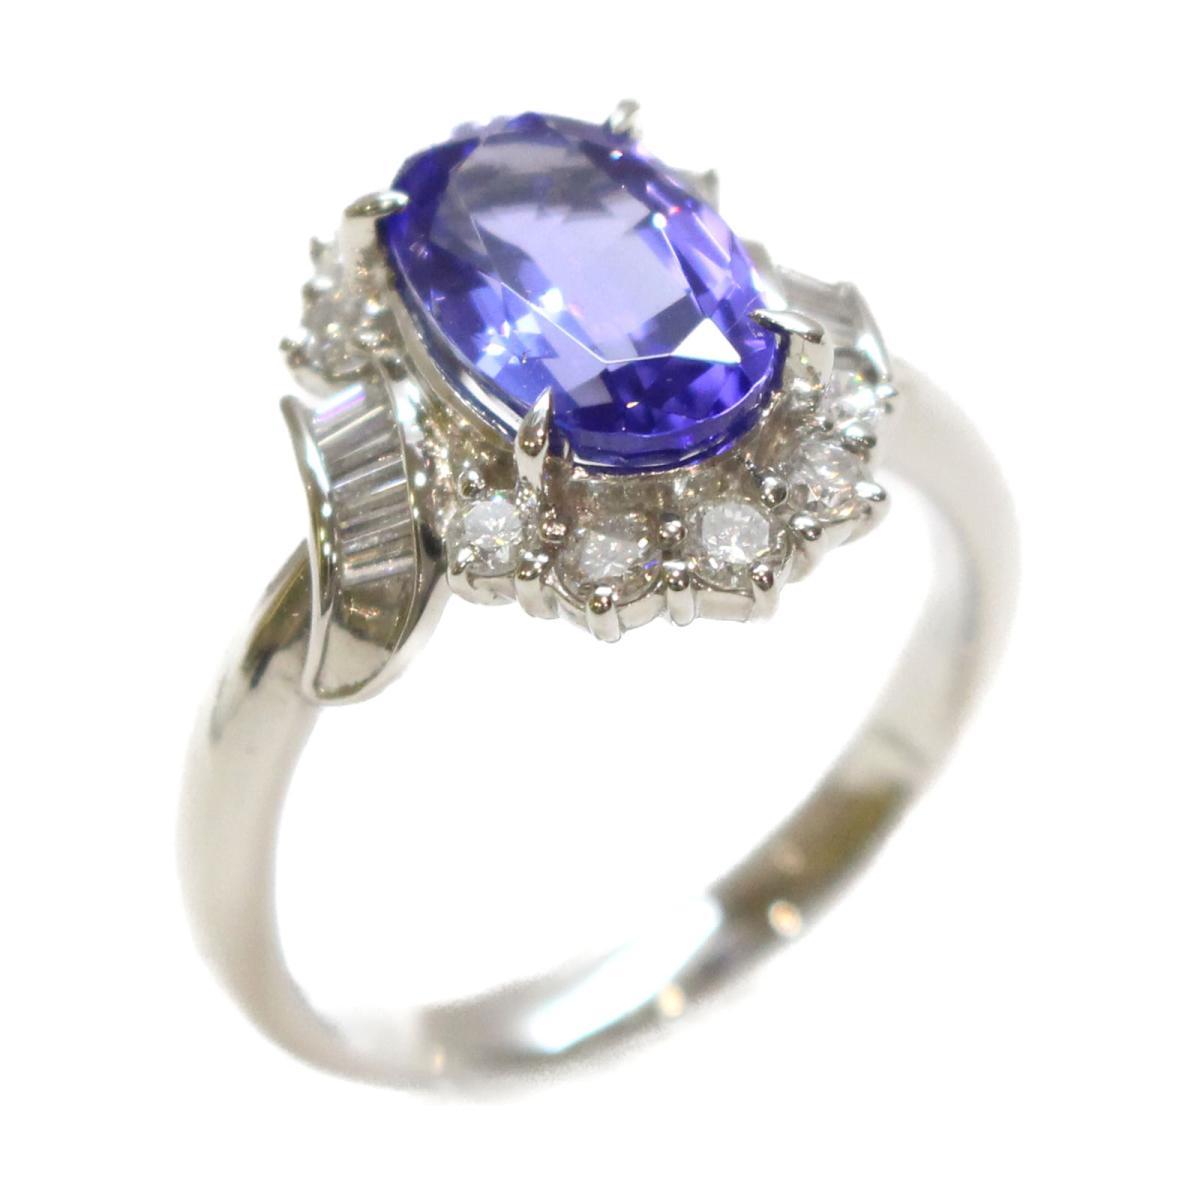 【中古】 ジュエリー リング 指輪 レディース PT900 プラチナ x タンザナイト ダイヤモンド ブルー | JEWELRY BRANDOFF ブランドオフ ブランド アクセサリー